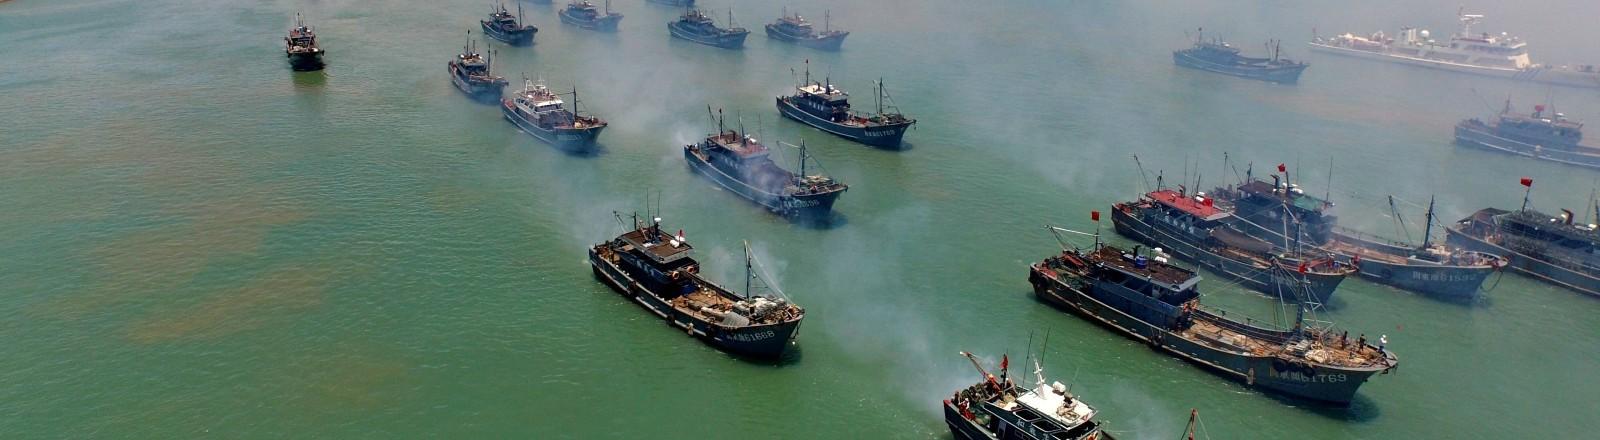 Eine chinesische Fangflotte fährt aufs Meer hinaus